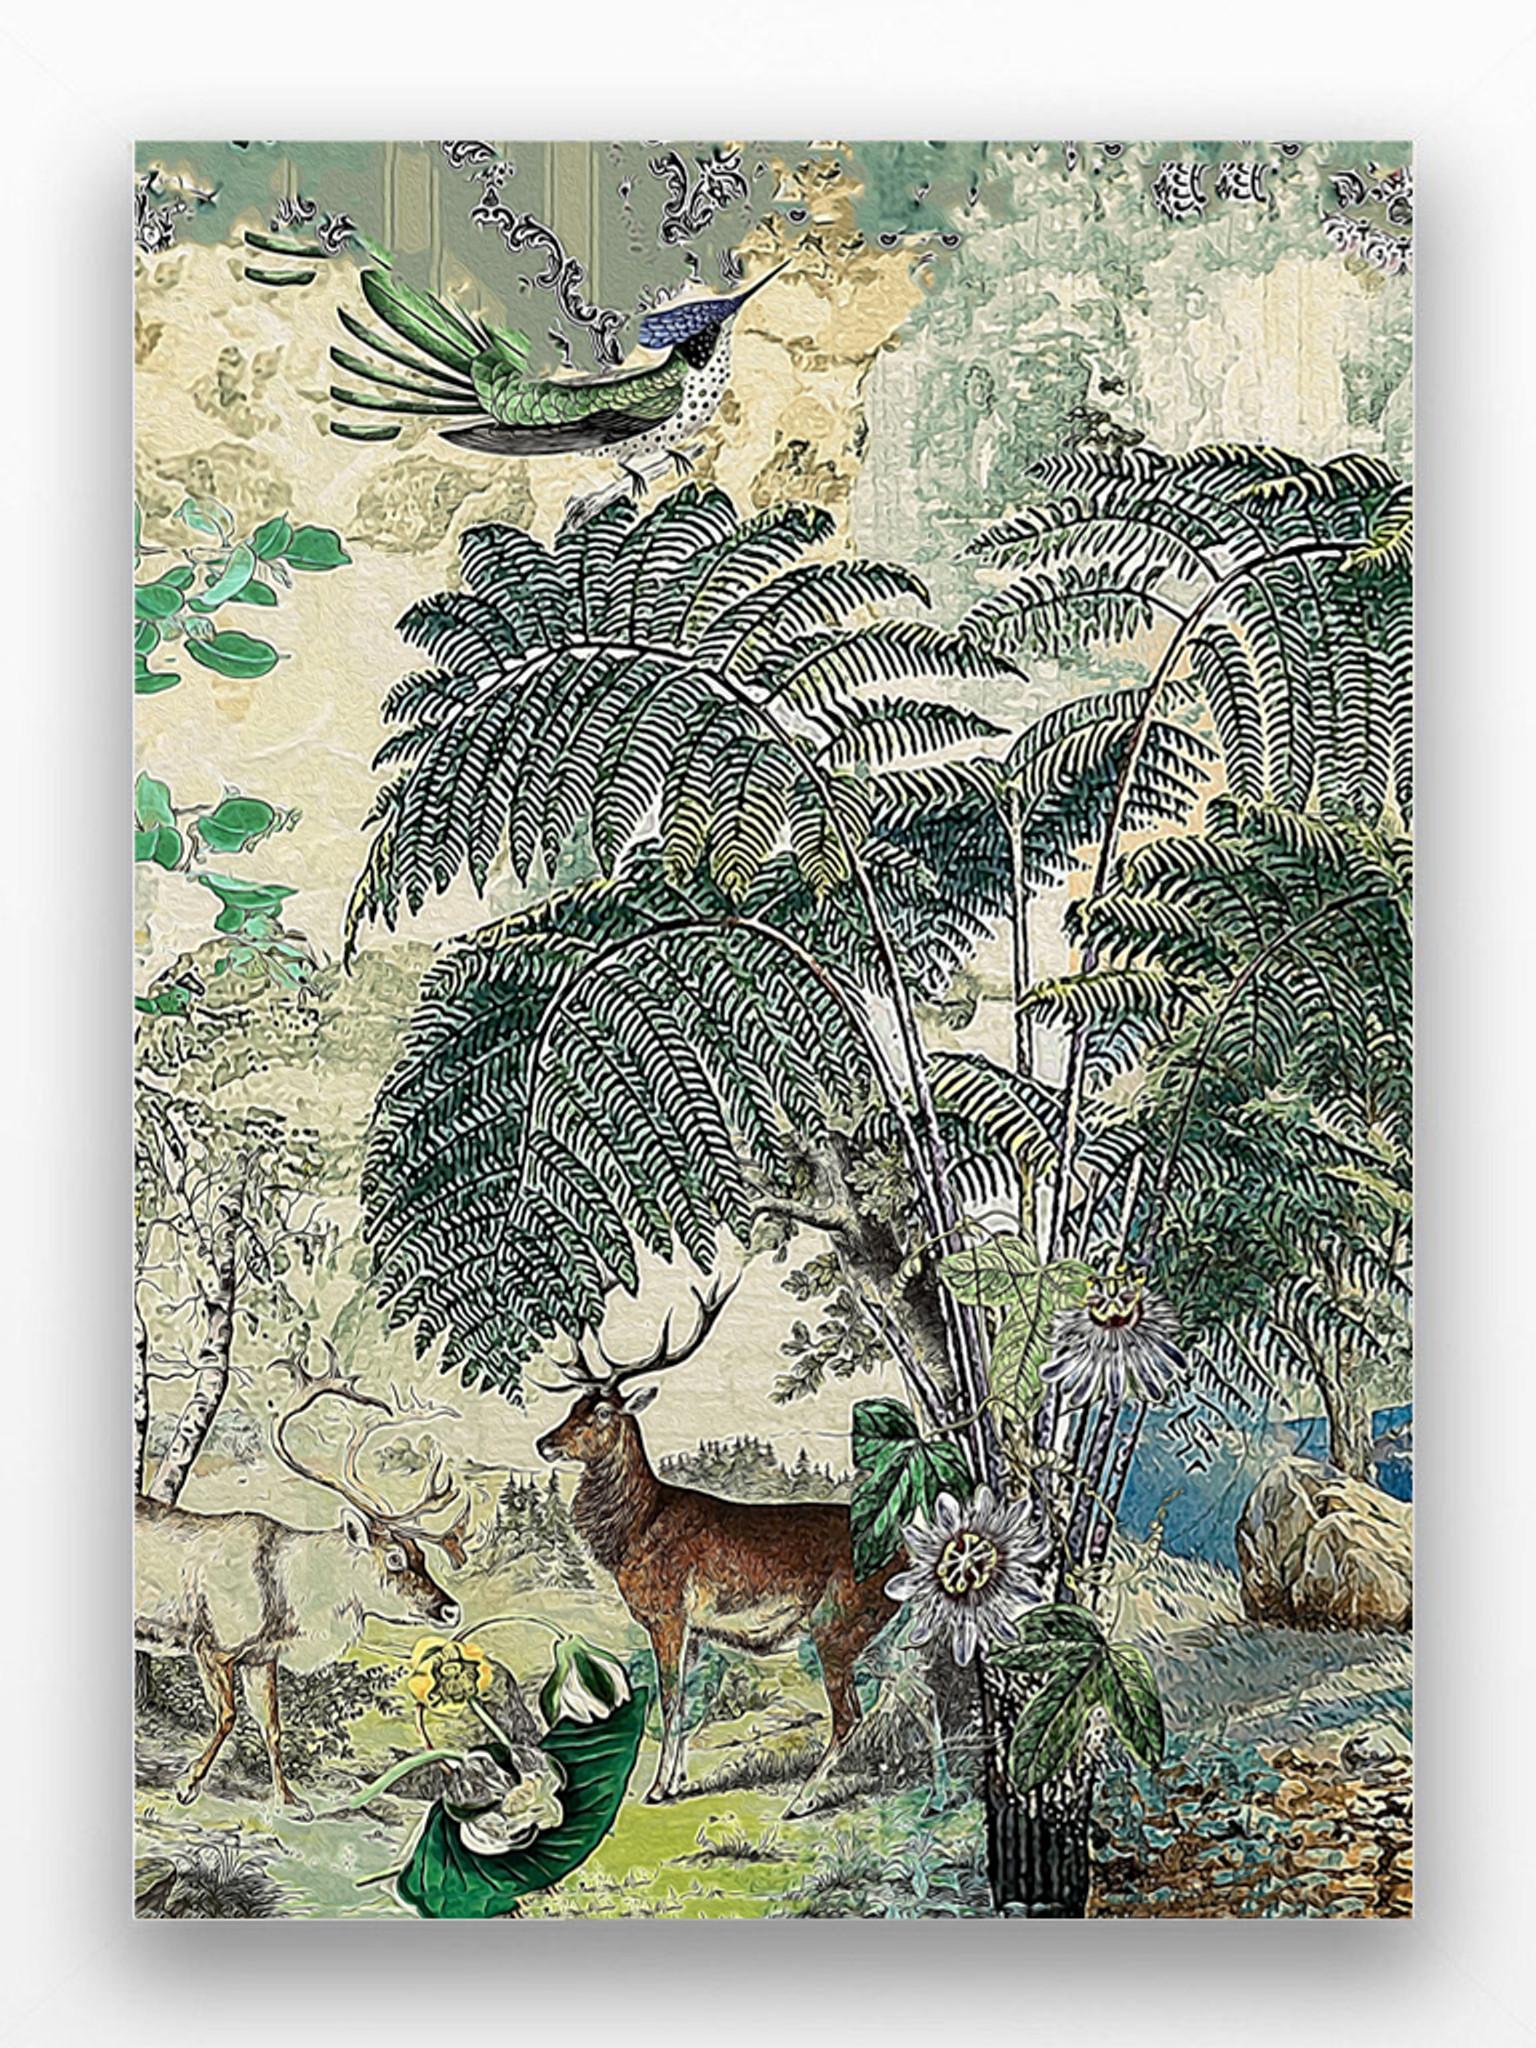 Art Print - Vintage Peacock - Bird and Deer